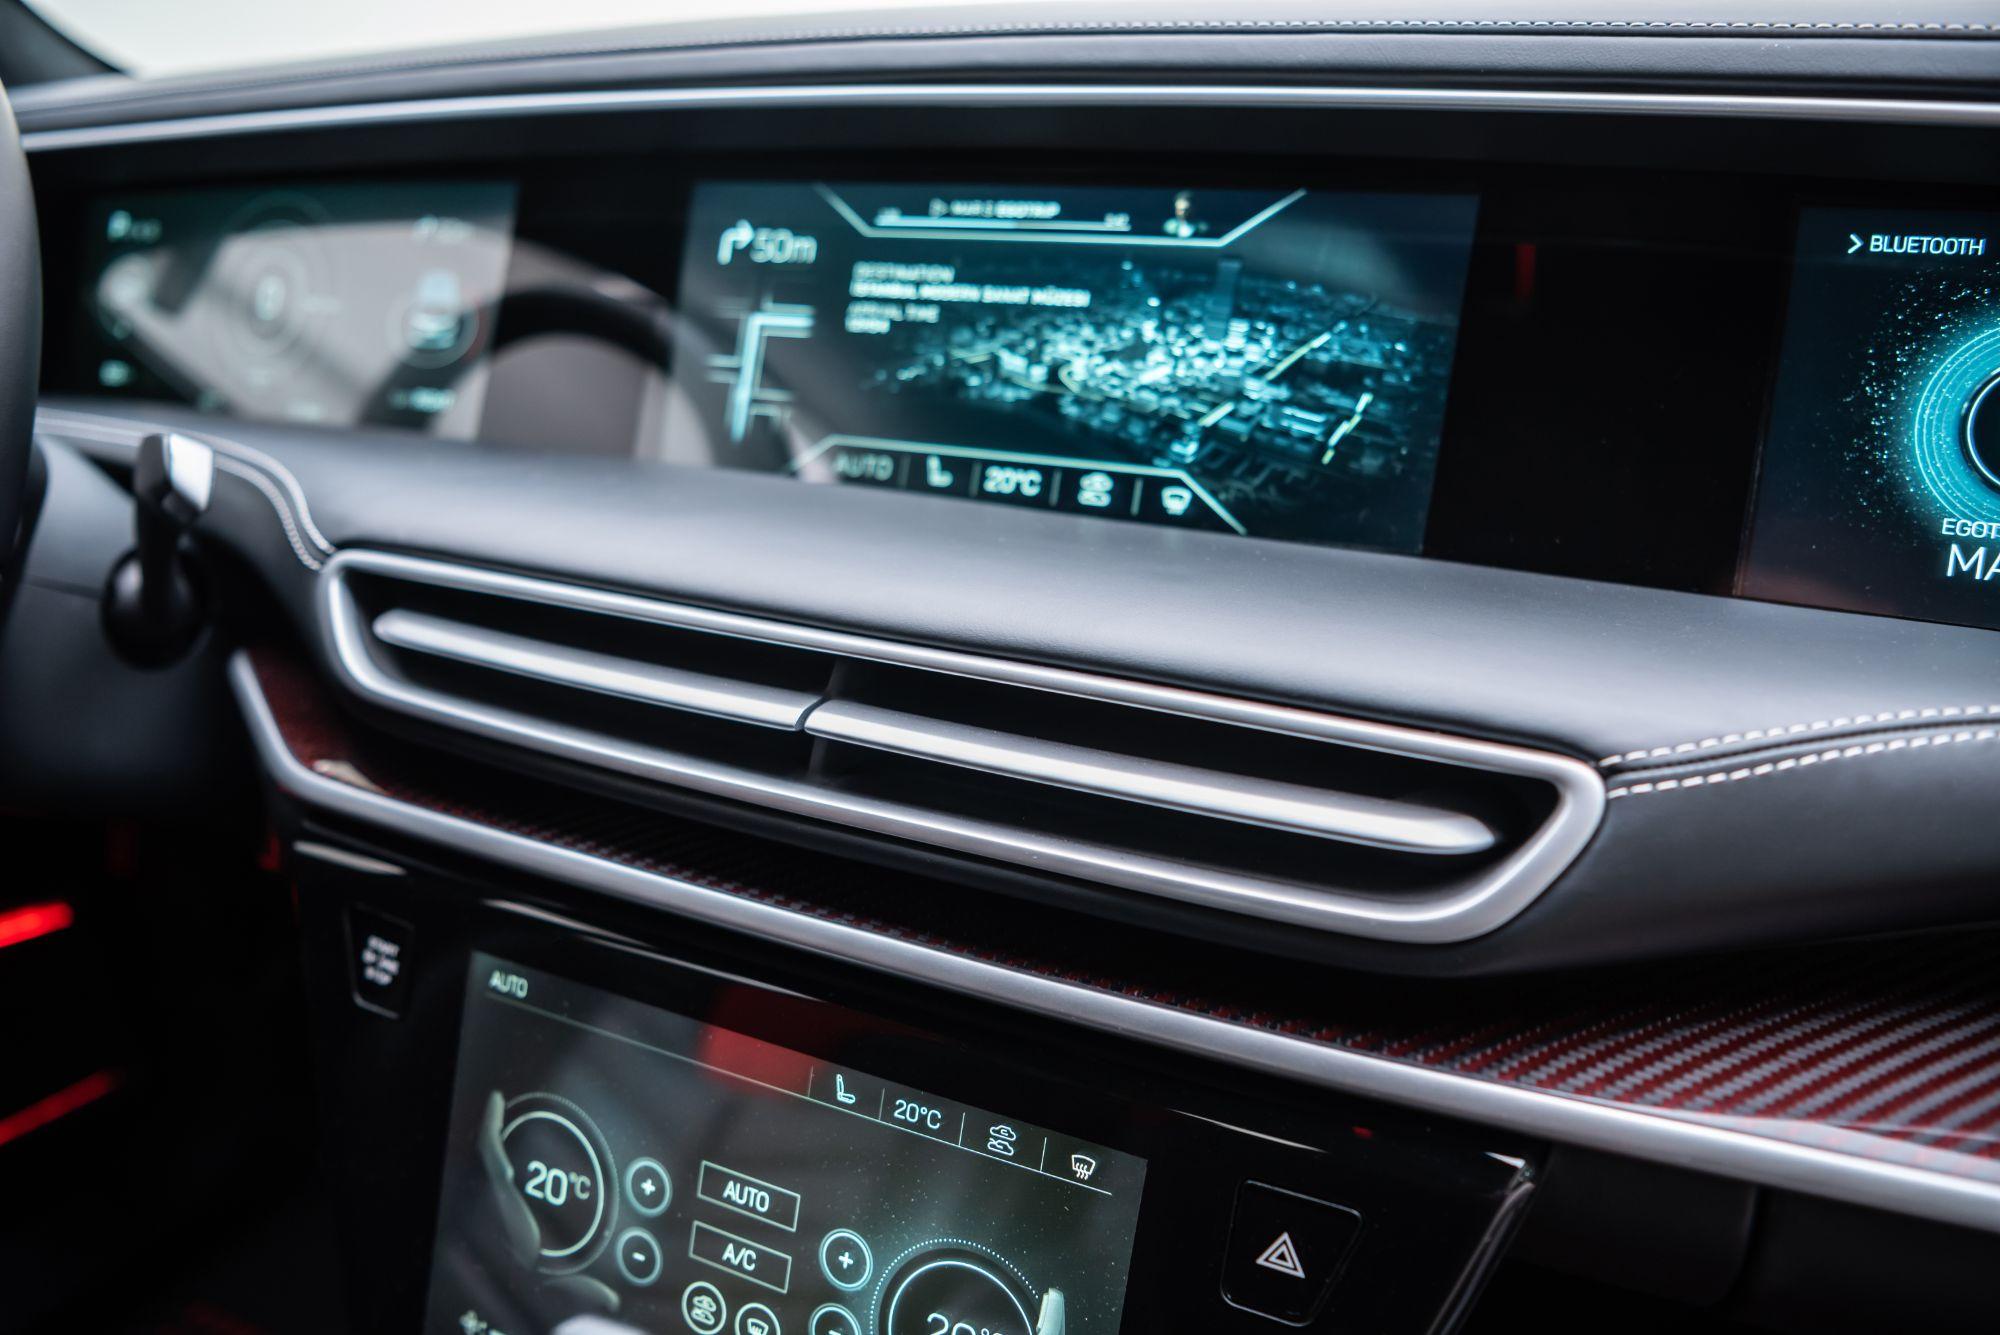 Elektrikli ve bağlantılı otomobillerin içten yanmalı motorlu otomobillere göre daha yalın sistemlere sahip olması, internet üzerinden yazılım güncelleme imkânı ve kullanıcıları teknik konularda önleyici bilgiler ile uyarma olanakları teknik servis/bakım ihtiyacını en aza indirecek.